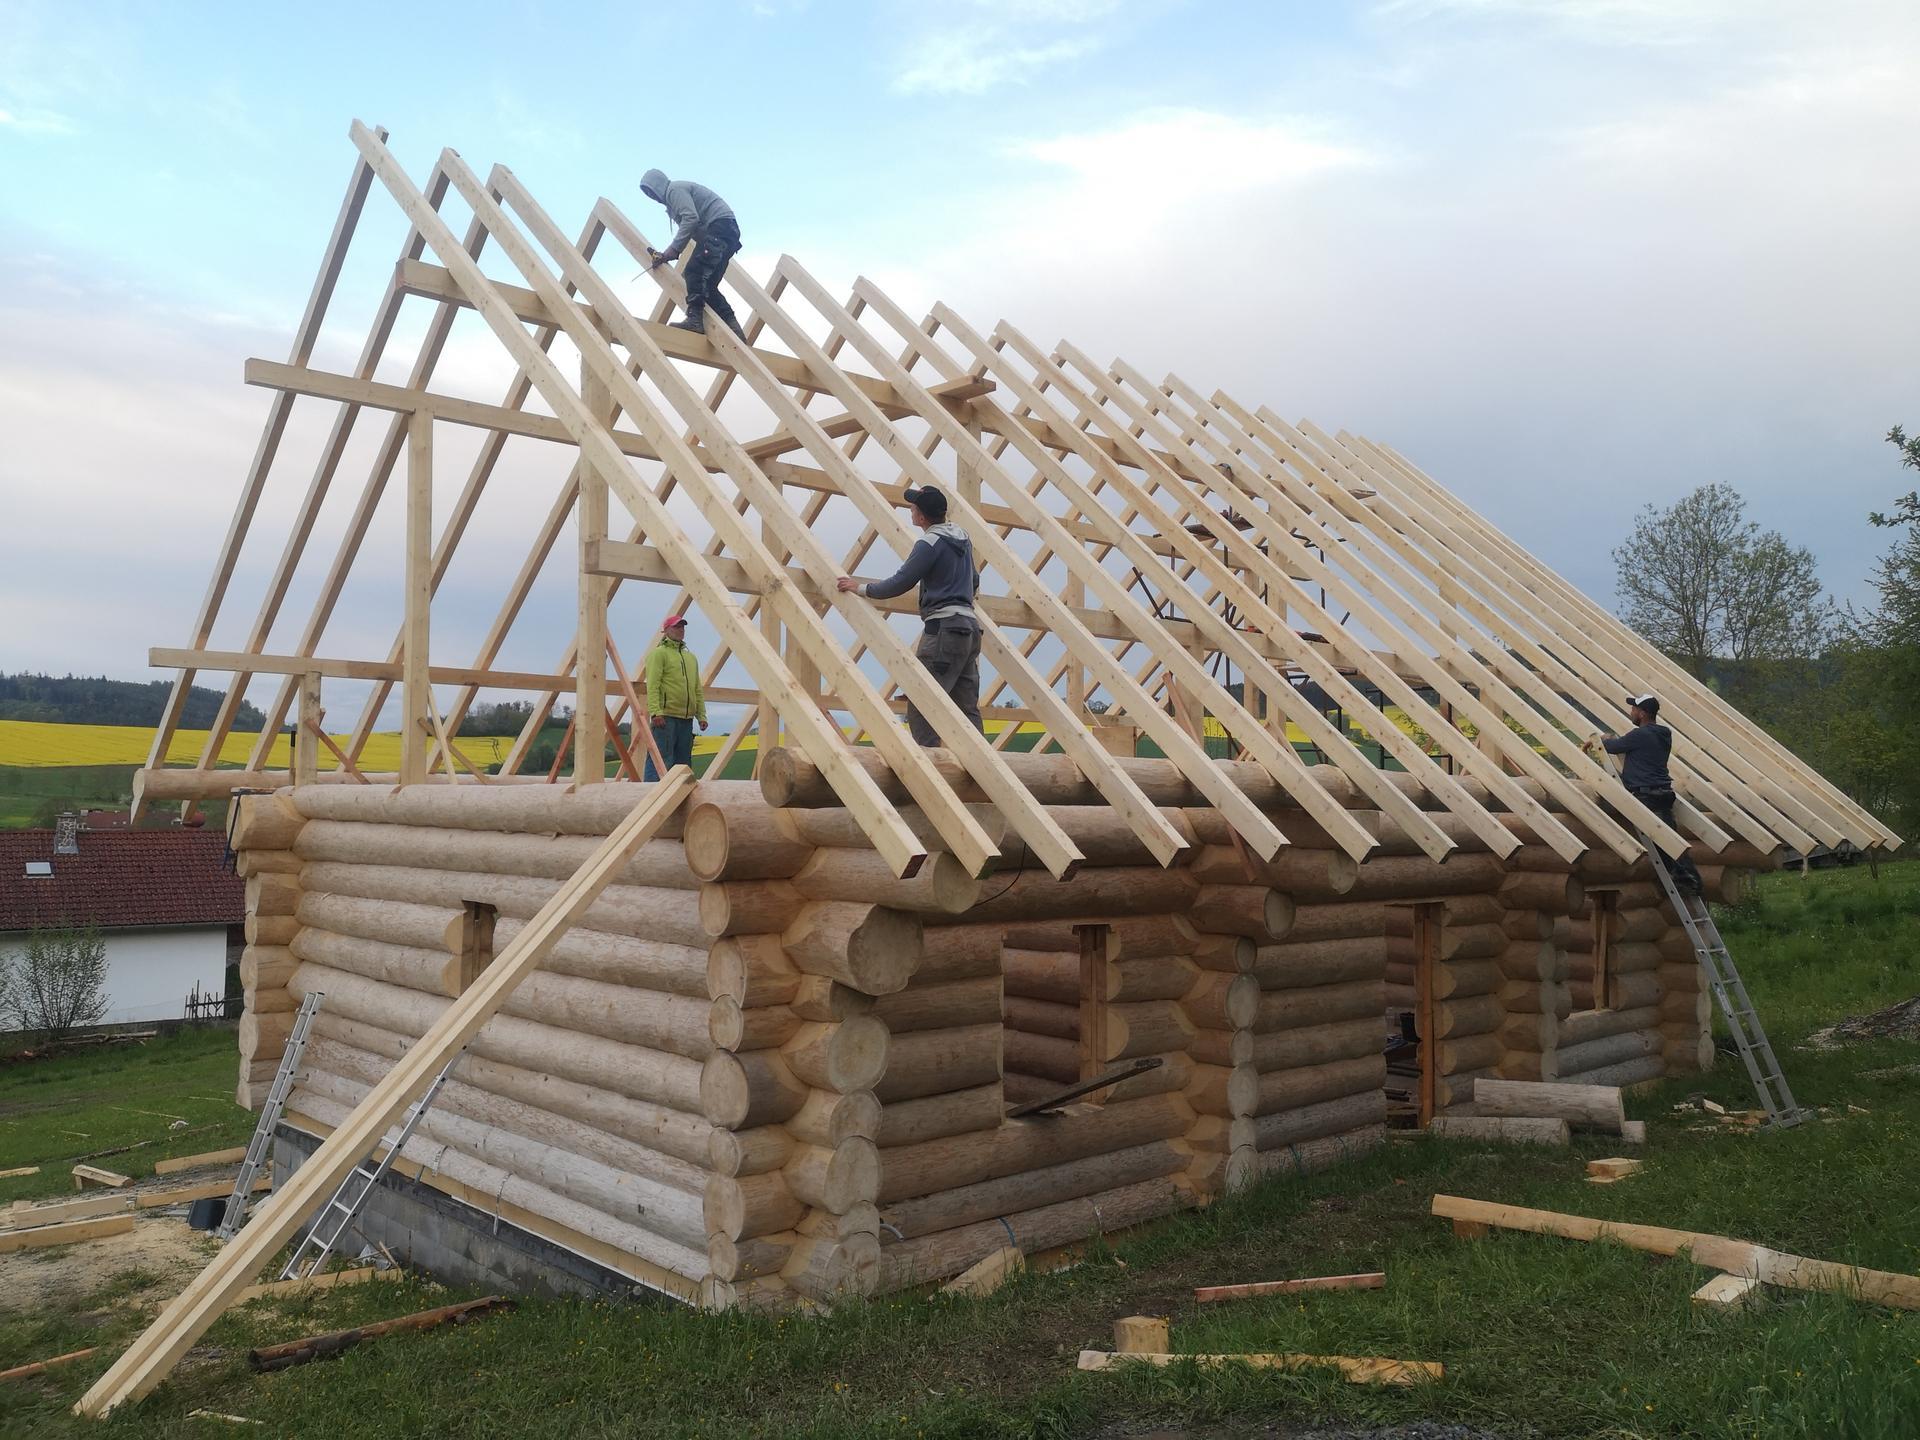 Stavíme náš srub - Obrázek č. 9